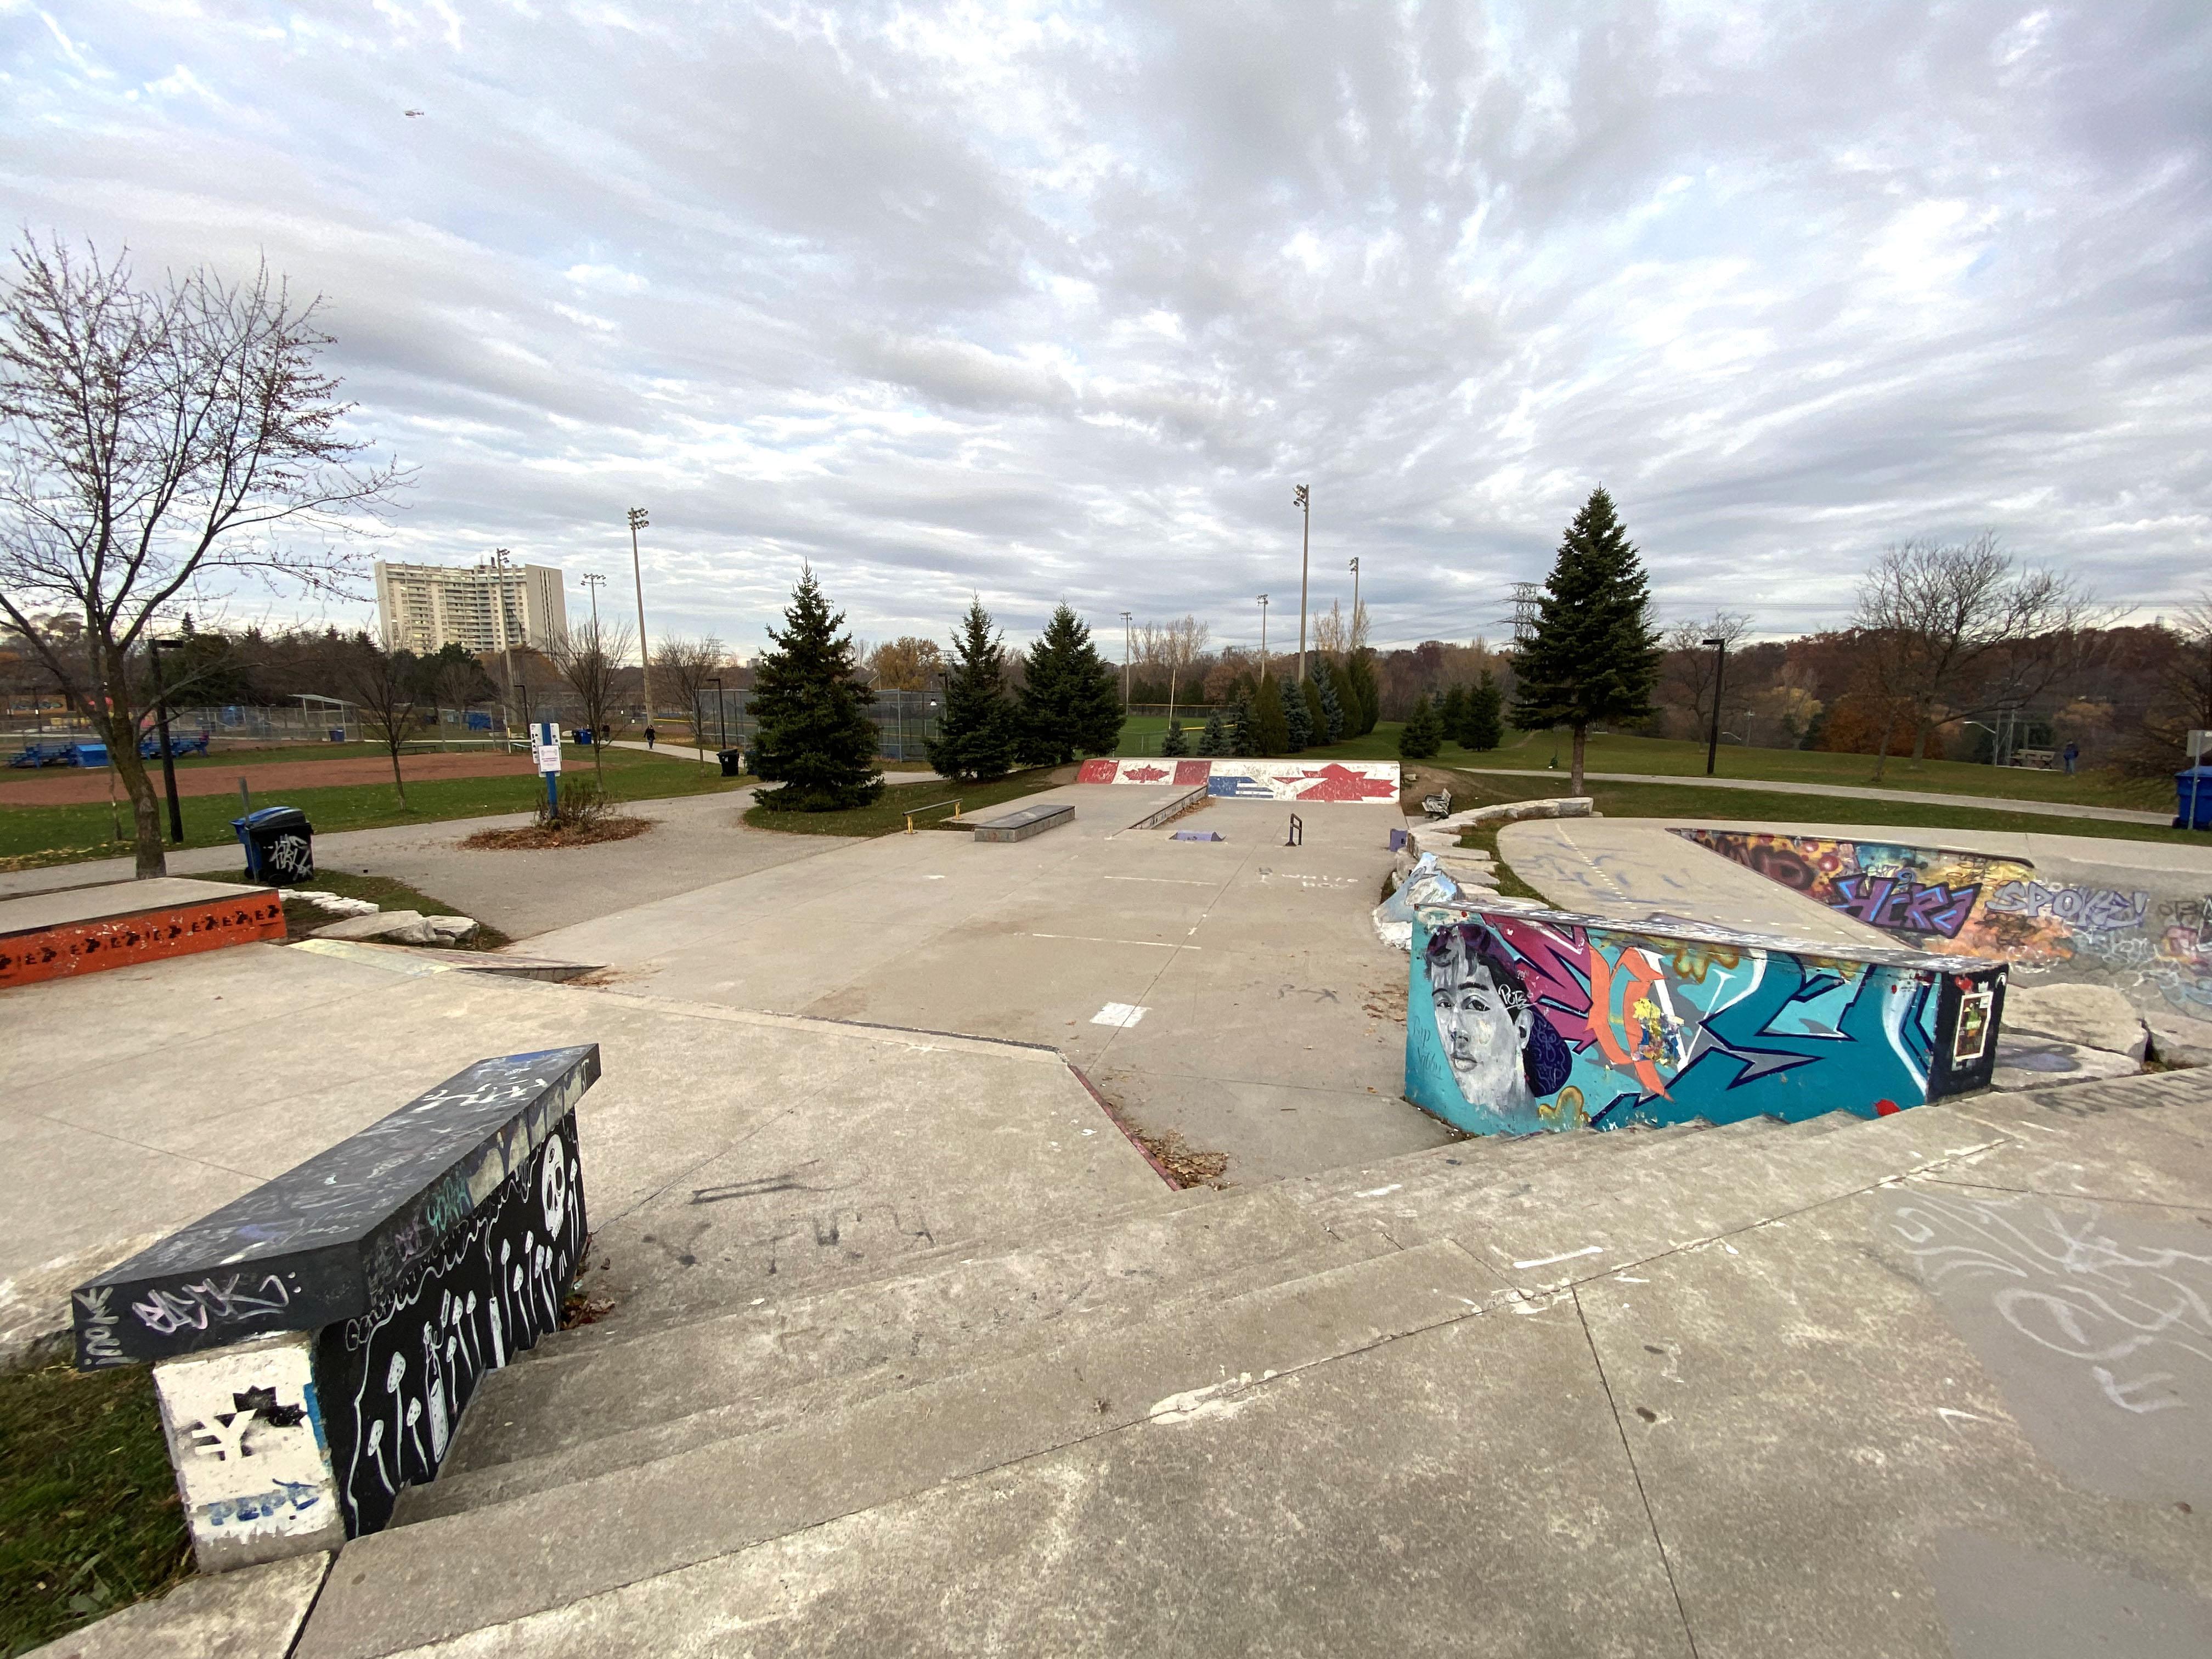 East York Skatepark in Toronto